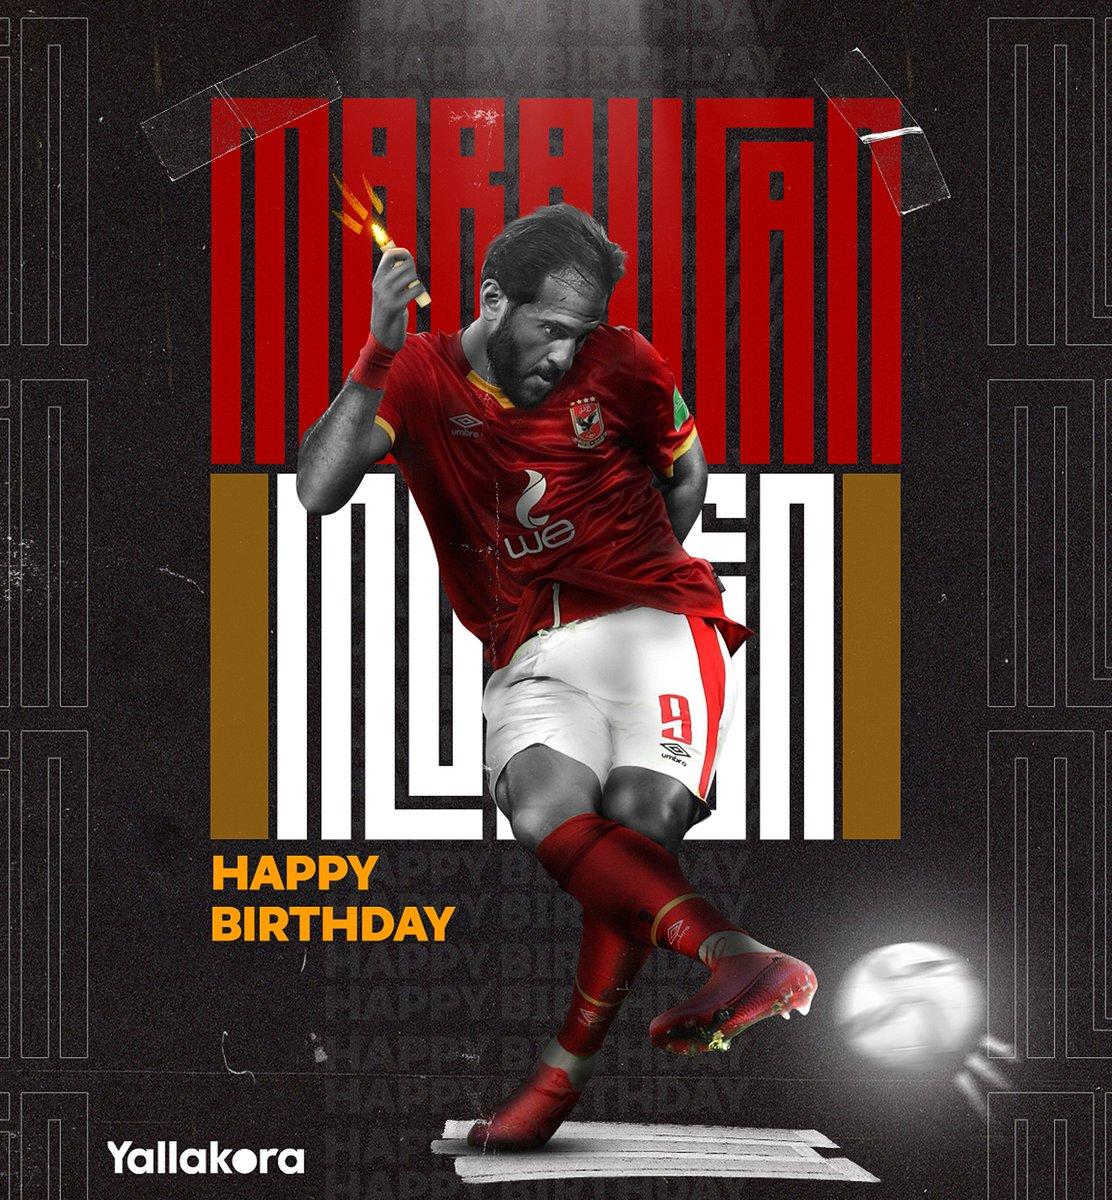 يكمل اليوم مروان محسن مهاجم النادي الأهلي ومنتخب مصر عامه الـ 32 .. كل عام وهو بخير ️